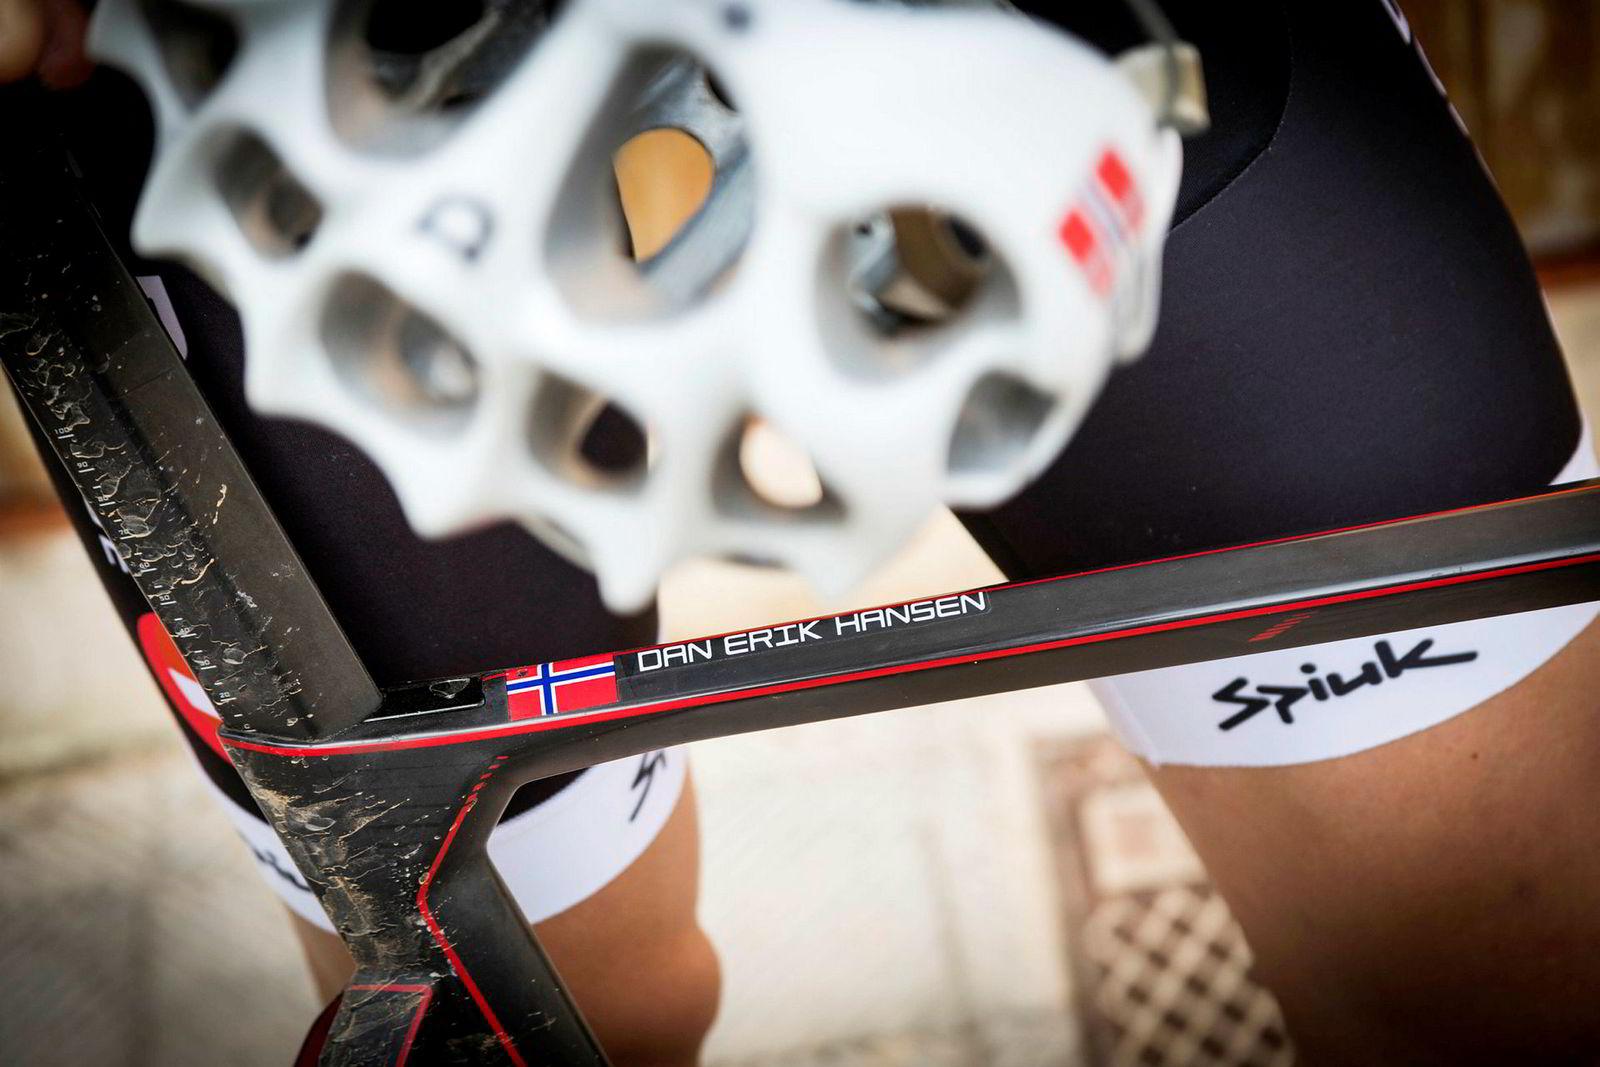 Dan Erik Hansens navn står printet på sykkelens ramme.